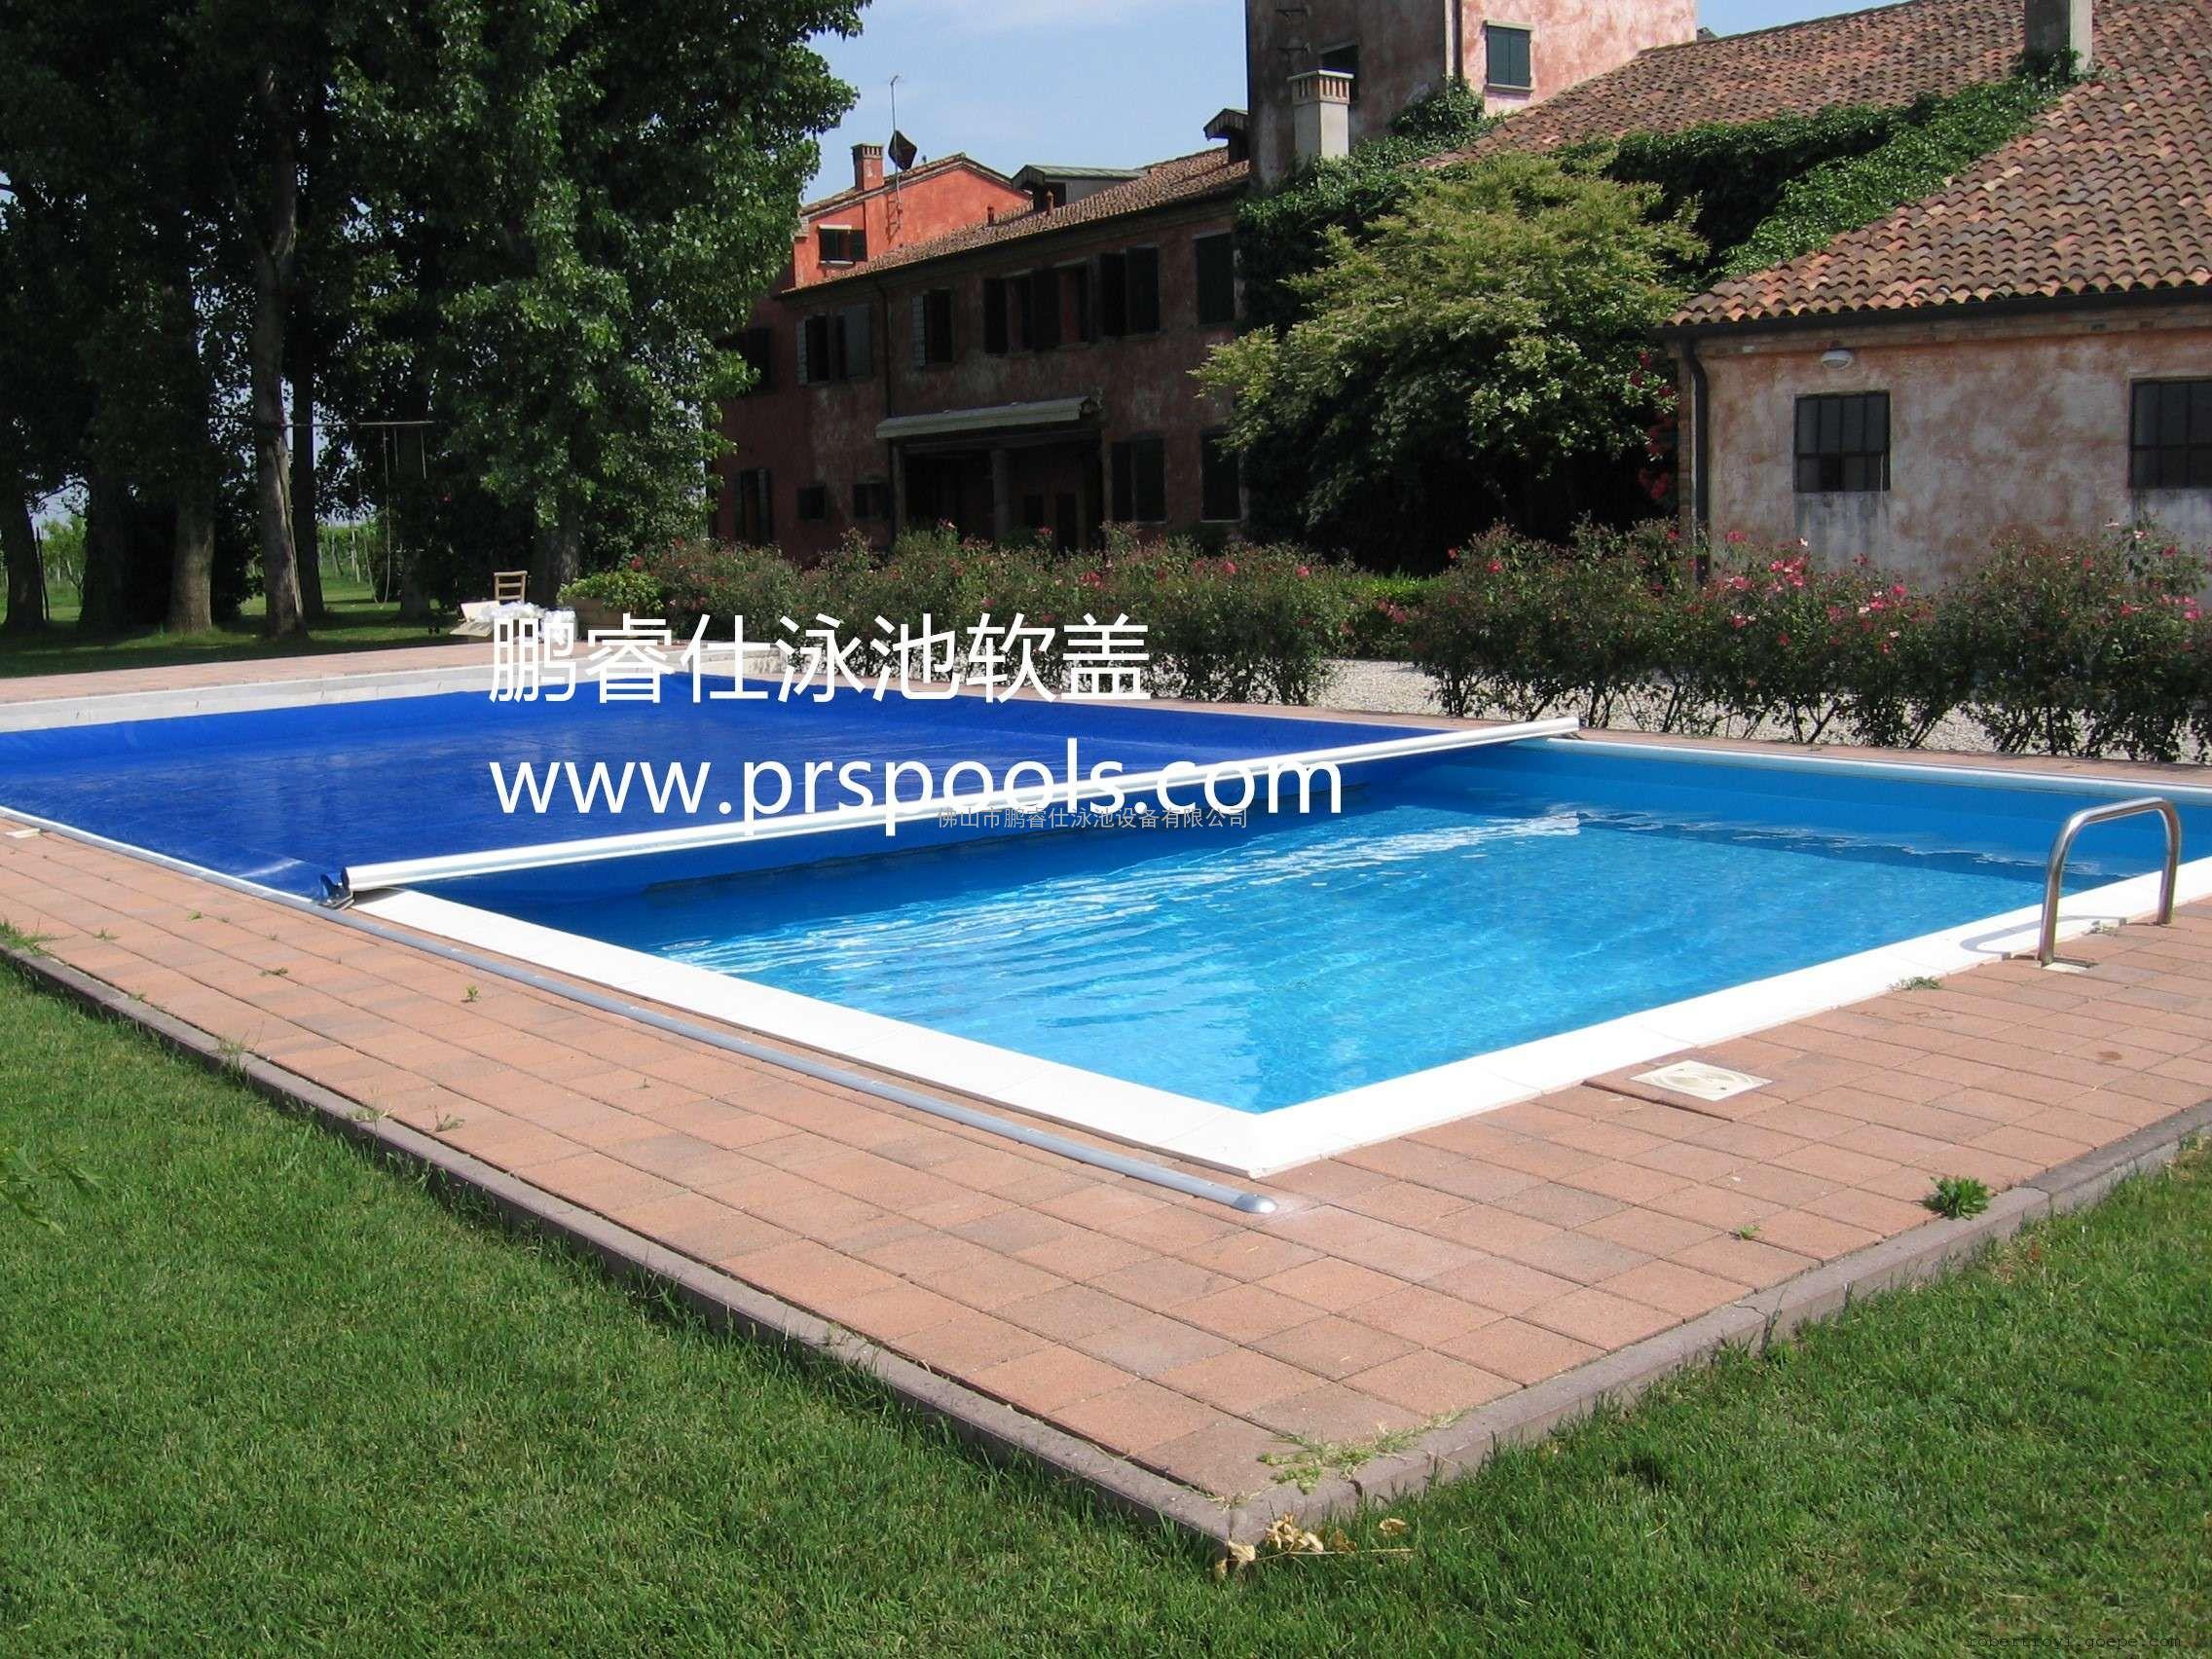 游泳池设备 泳池自动安全盖 家庭泳池防尘 保温盖